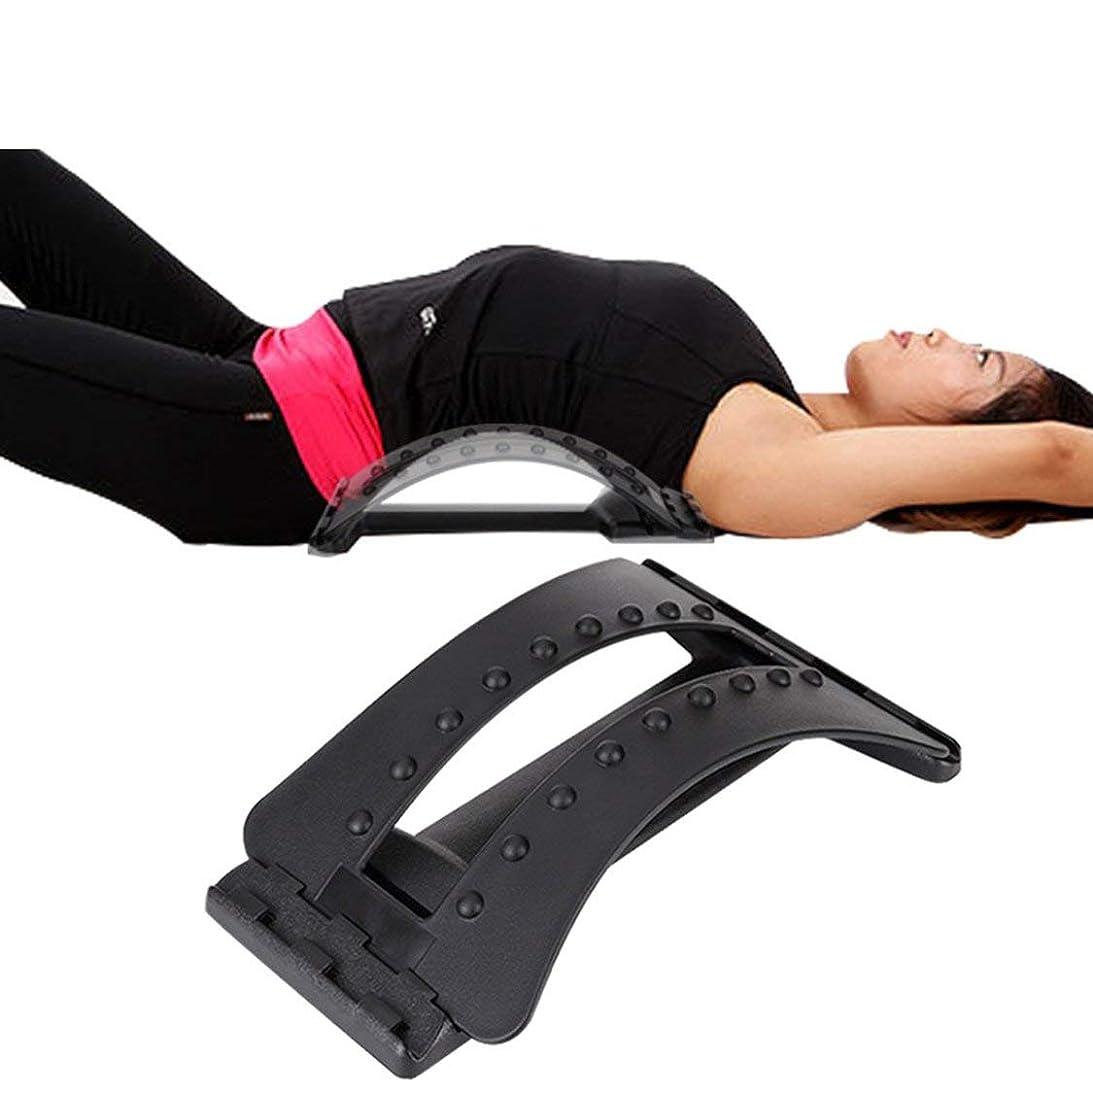 蒸留コンパニオン冷える背骨の痛みを軽減する腰椎牽引ストレッチング装置腰椎リラックスバックマッサージボード防止腰椎椎間板